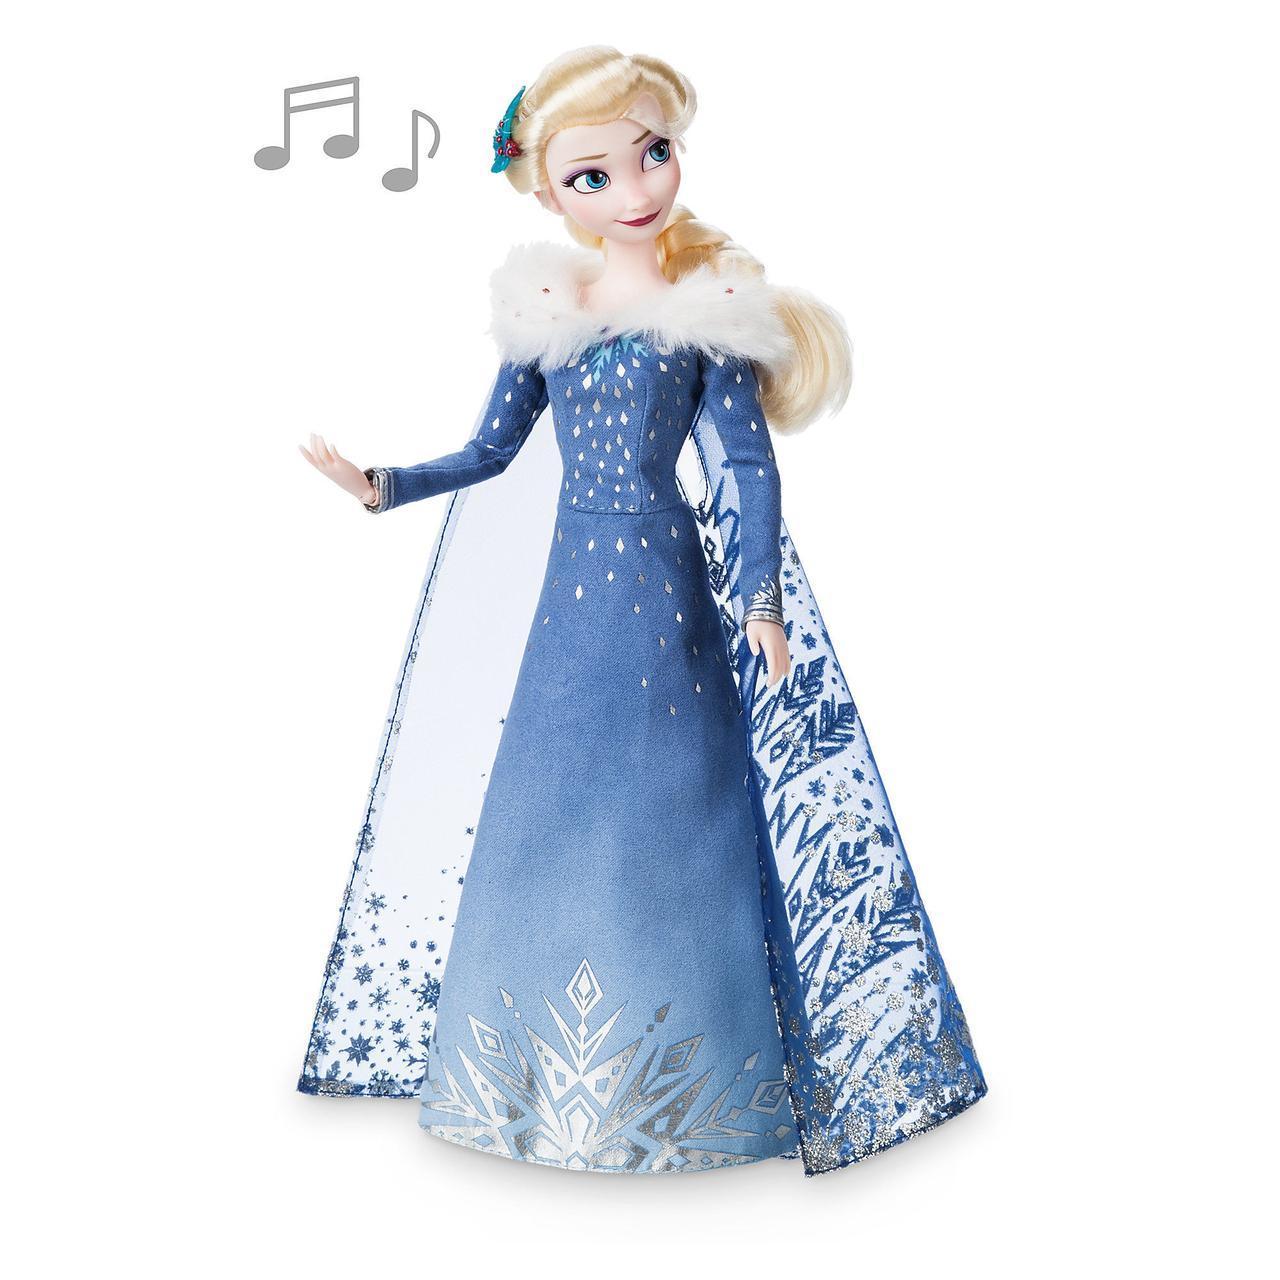 Поющая кукла Эльза - Холодное сердце (Frozen) принцесса Elsa Дисней куклы Disney